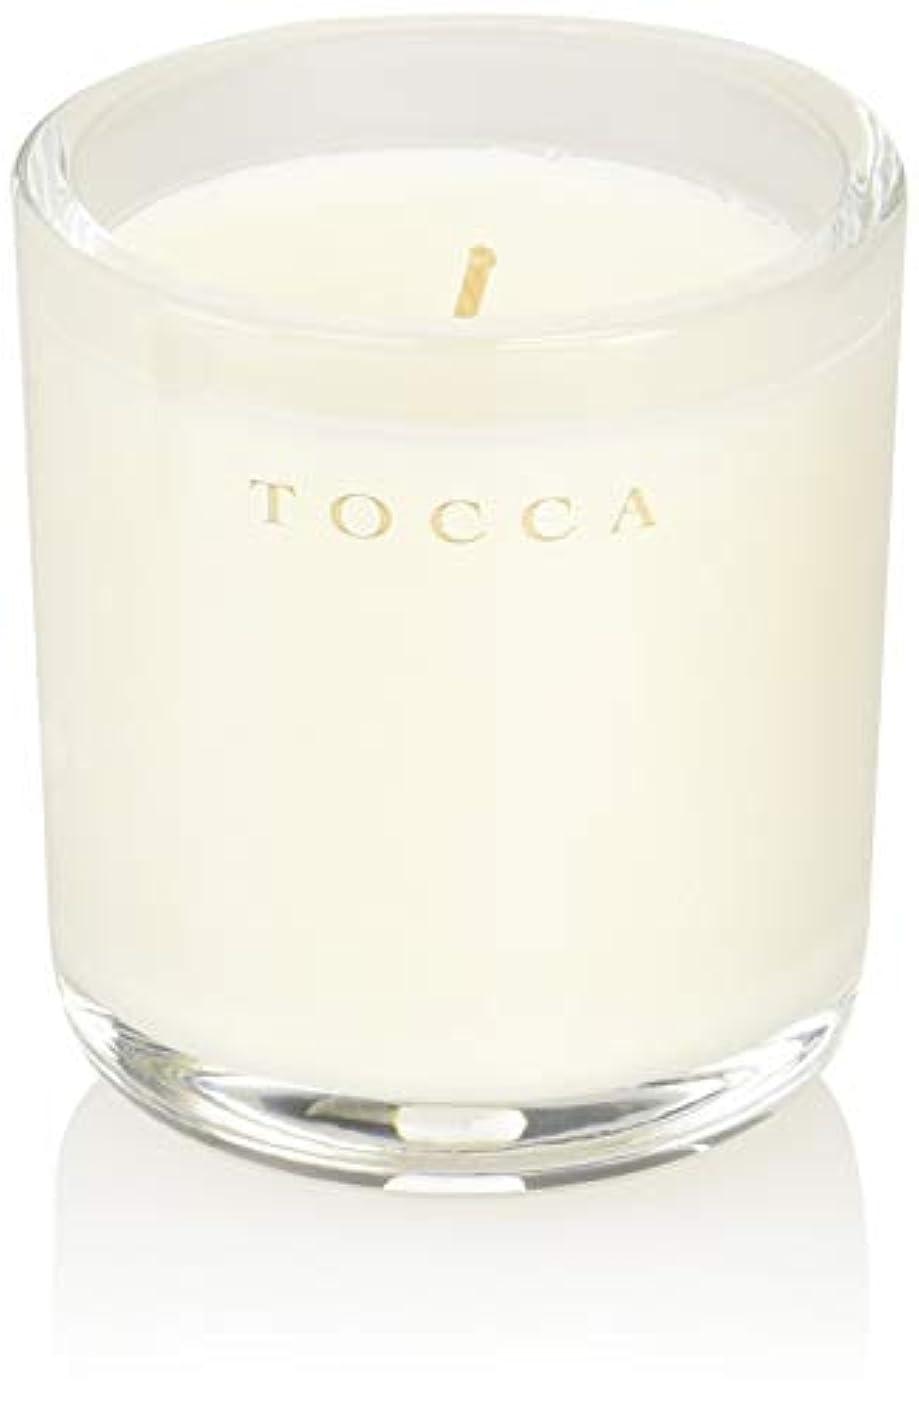 平野はず十分なTOCCA(トッカ) ボヤージュ キャンデリーナ ボラボラ 85g (ろうそく 芳香 バニラとジャスミンの甘く柔らかな香り)